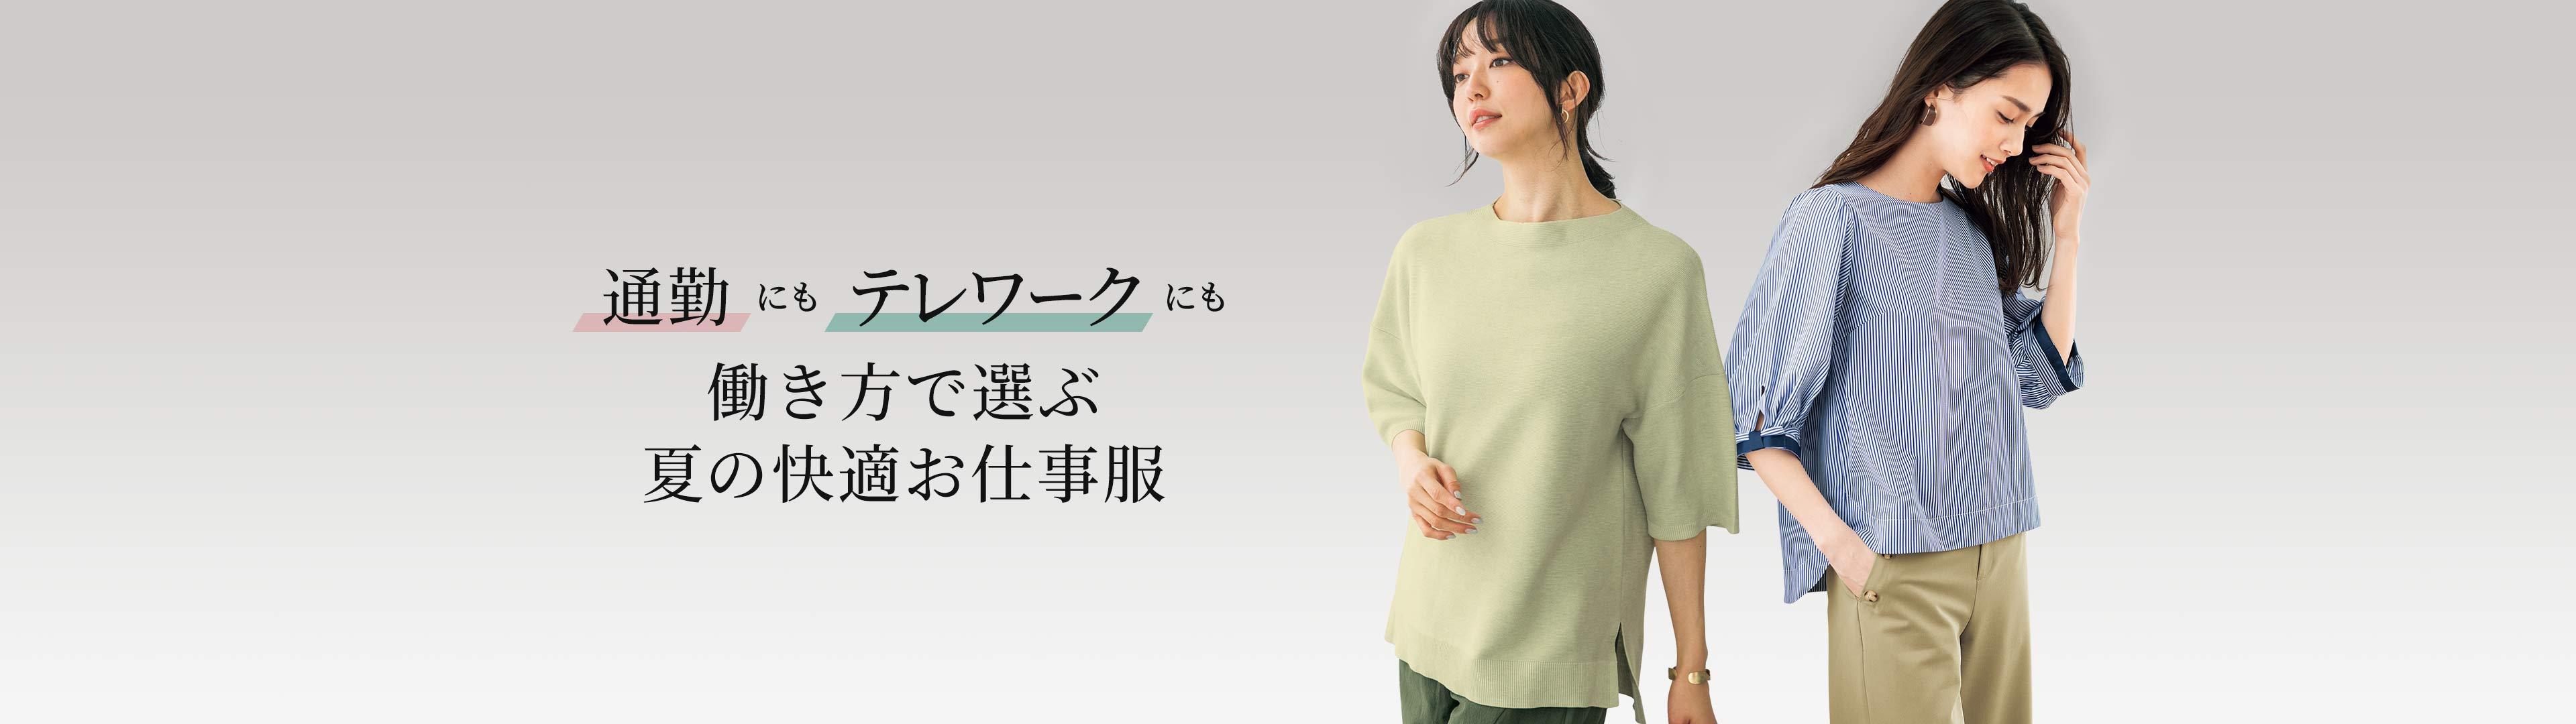 オフィス カジュアルにぴったり!OL ファッションに最適なセシールの通勤服特集